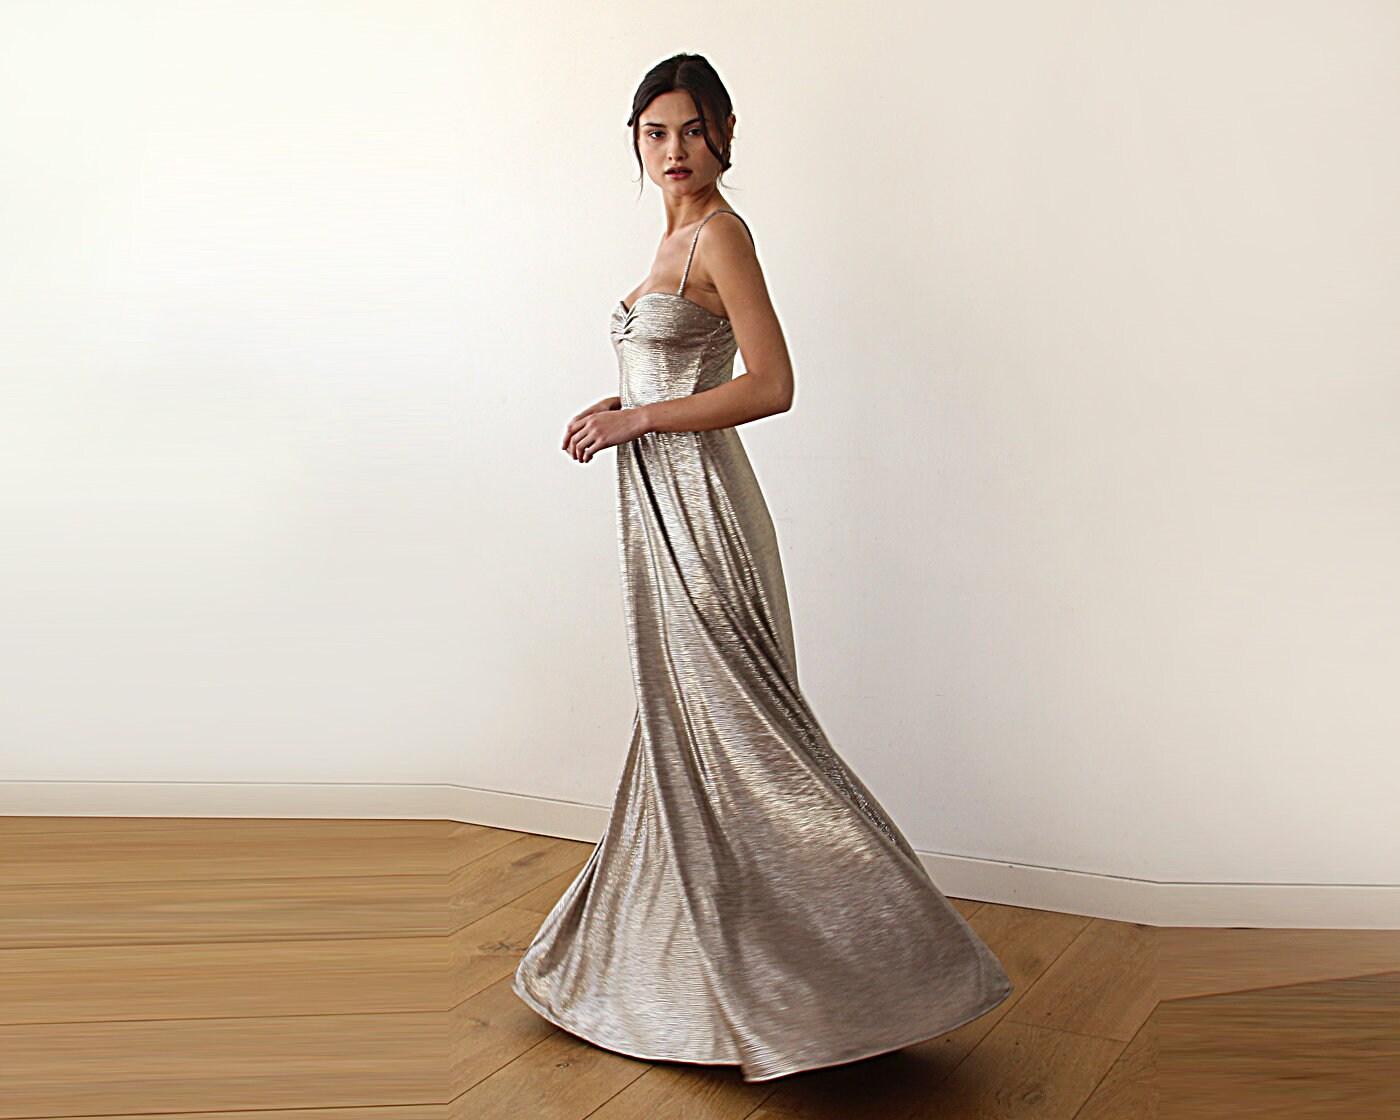 Metallische dunkel Gold Maxi Ballerina Kleid herzförmiger